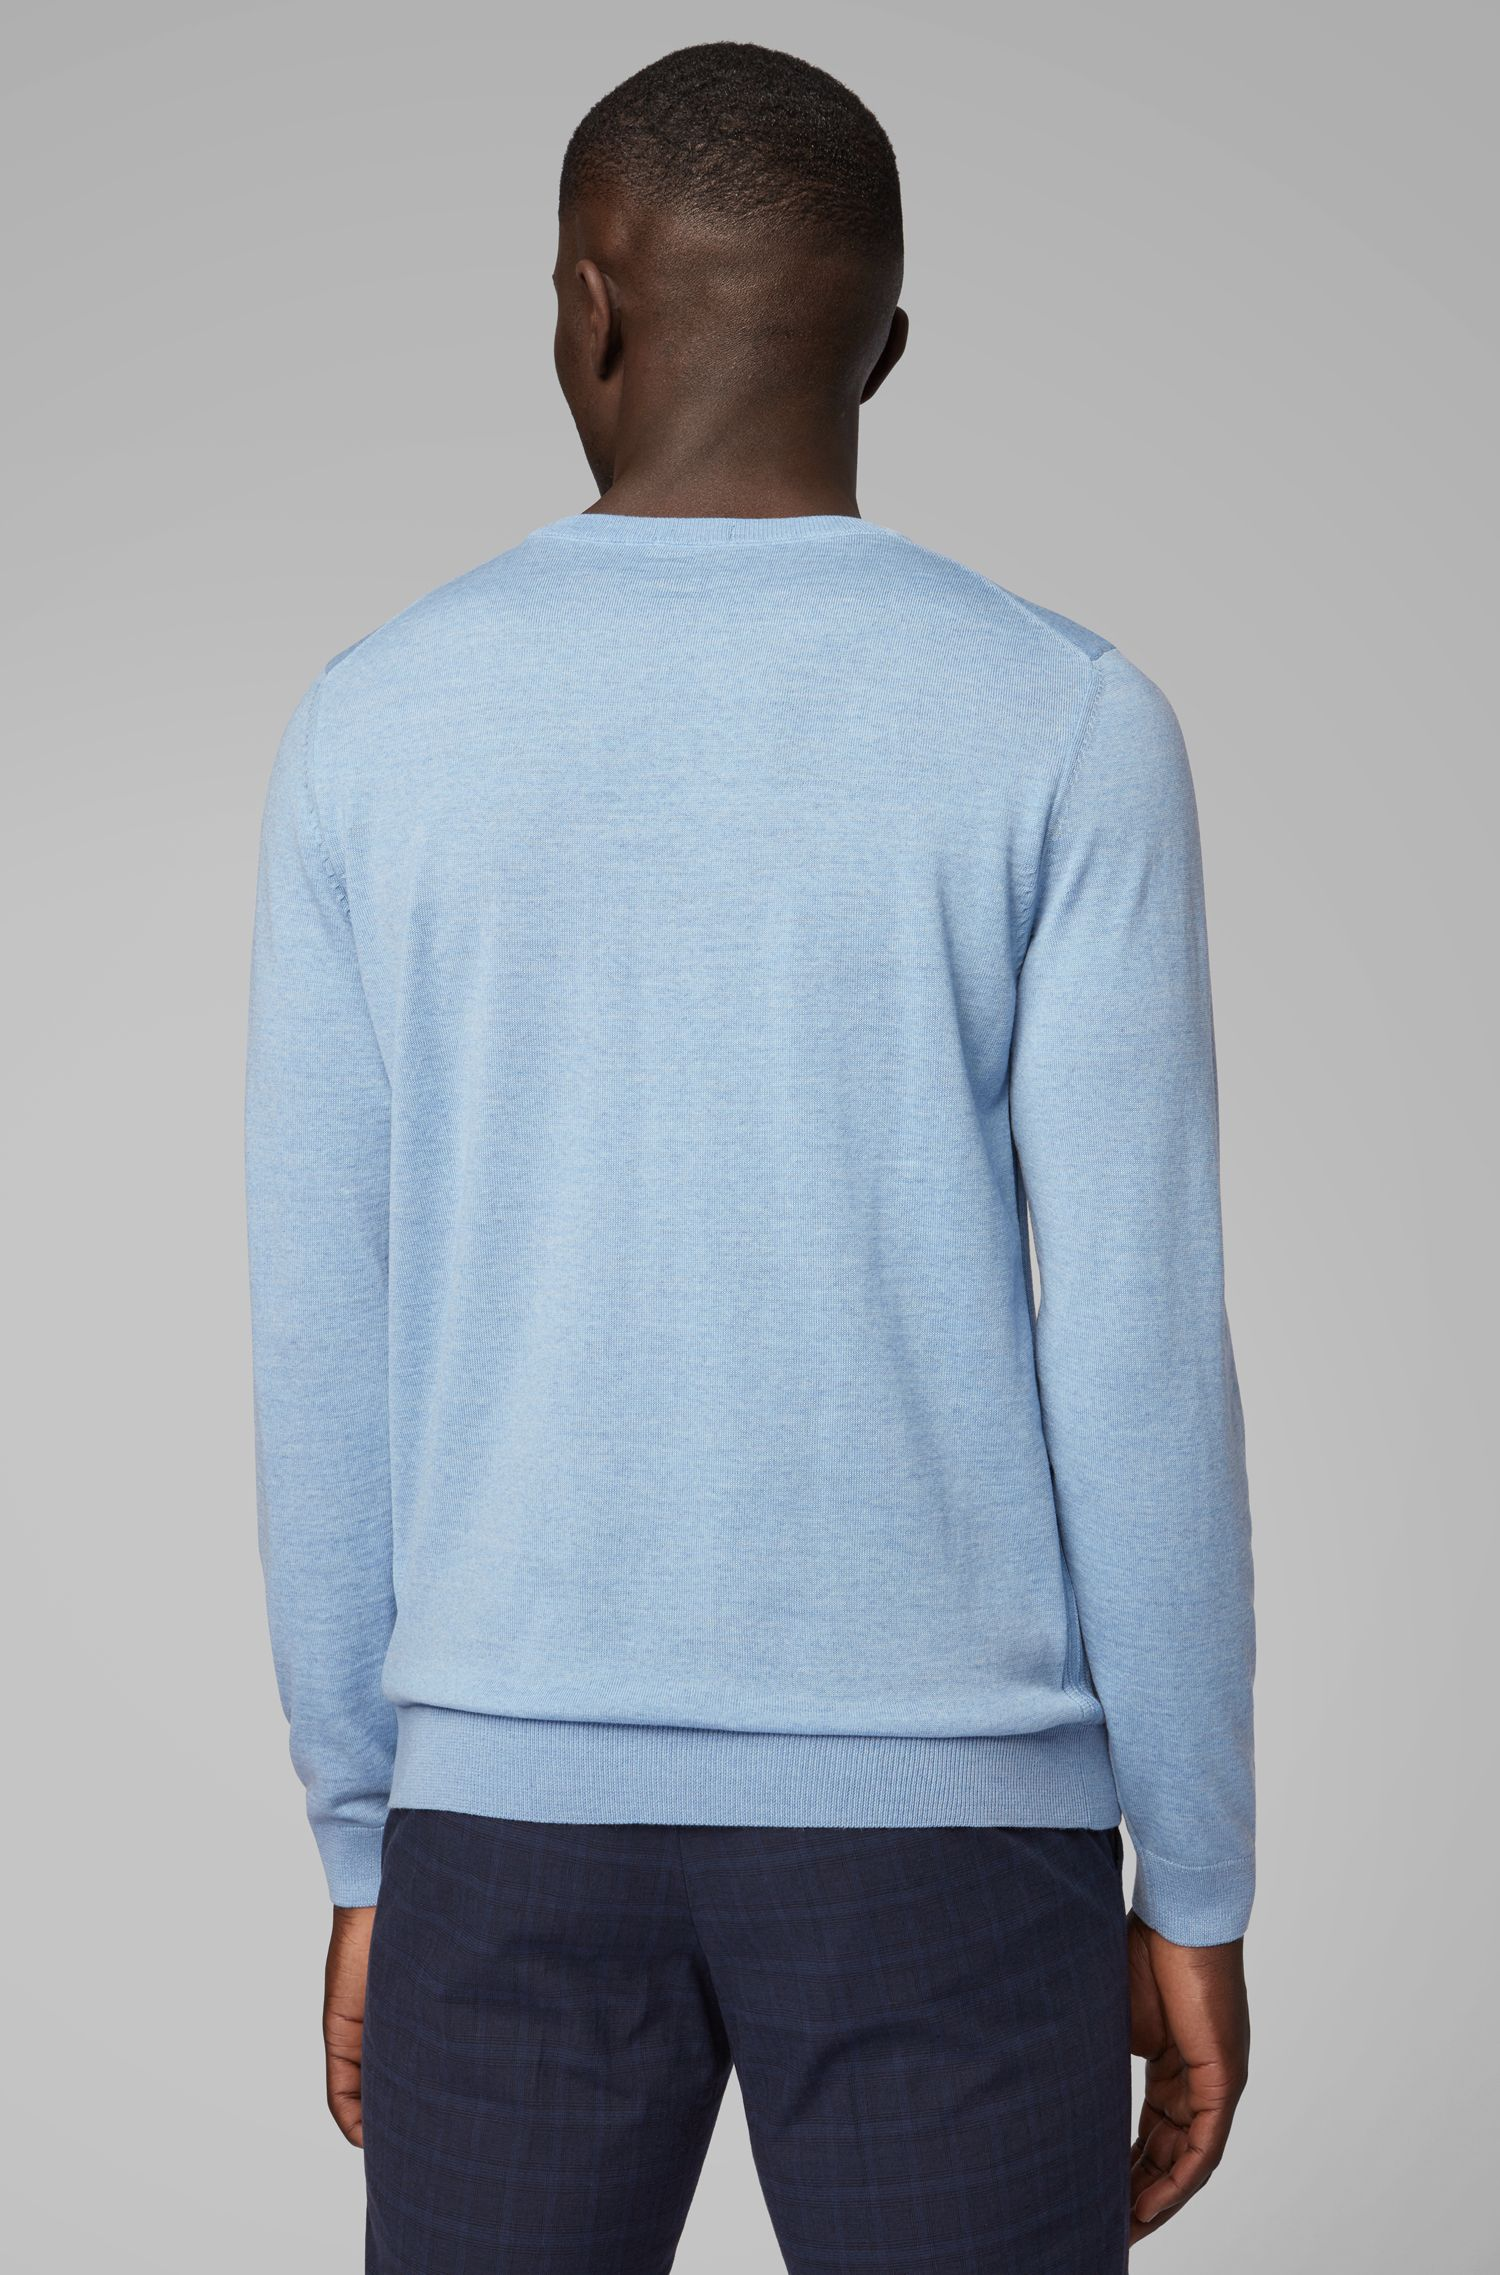 Trui van scheerwol met ronde hals, Lichtblauw